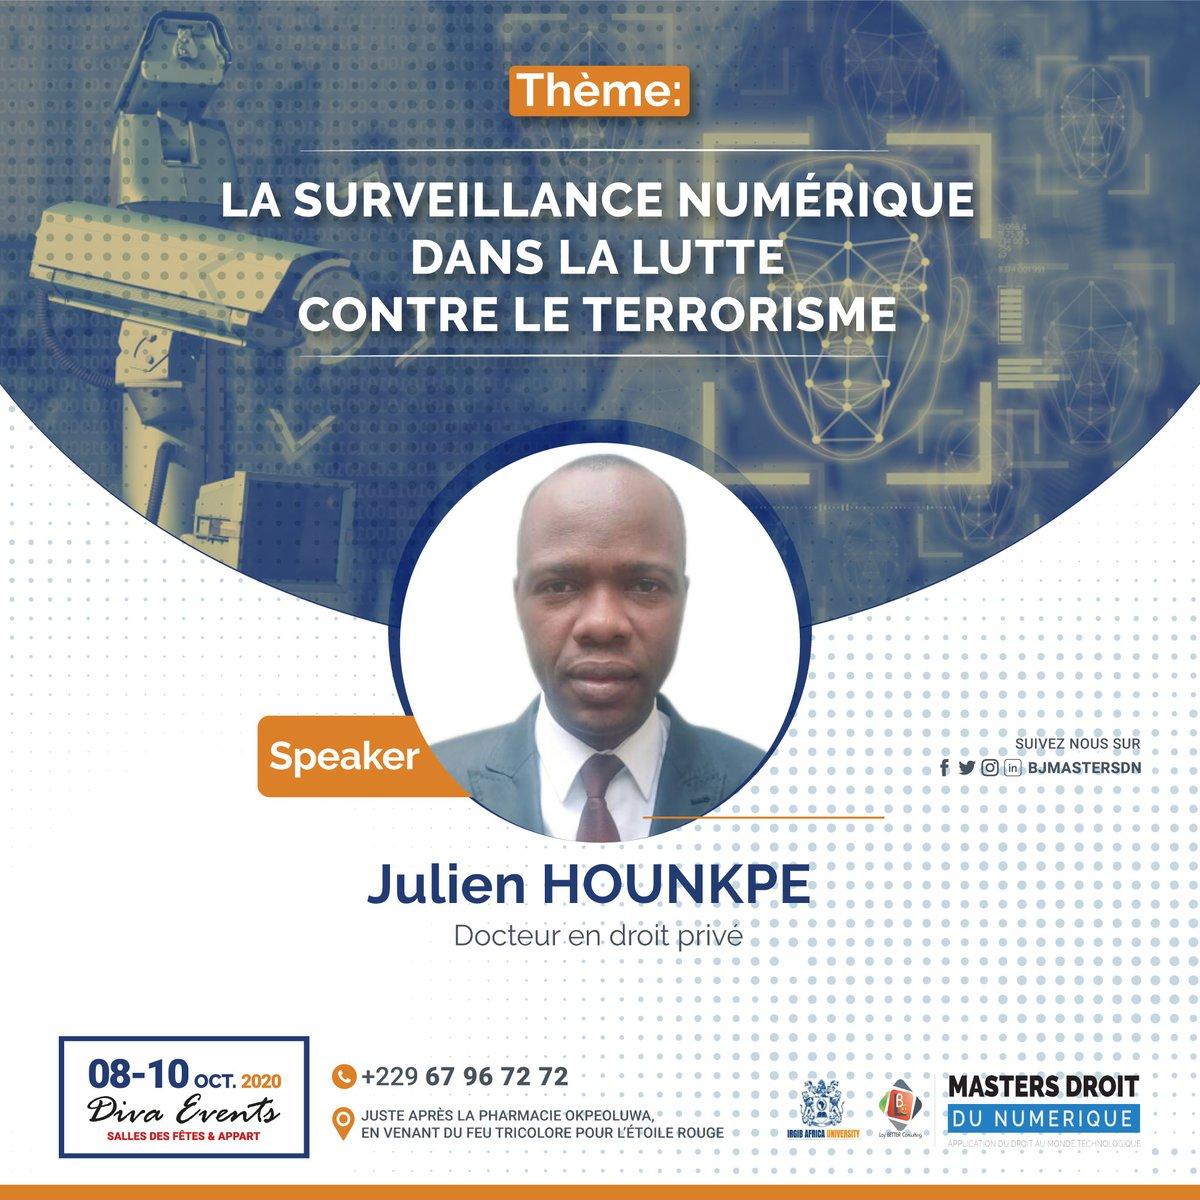 Julien Comlan HOUNKPE est juriste IT, il consulte sur les questions d'encadrement de la criminalité. Il nous renseignerale cadre juridique de la surveillance au Bénin. Obtenez votre pass maintenant 👉https://t.co/Aay8Dg9b8X #droitnumerique #BJMasterDN https://t.co/PRwhwnrQ3L